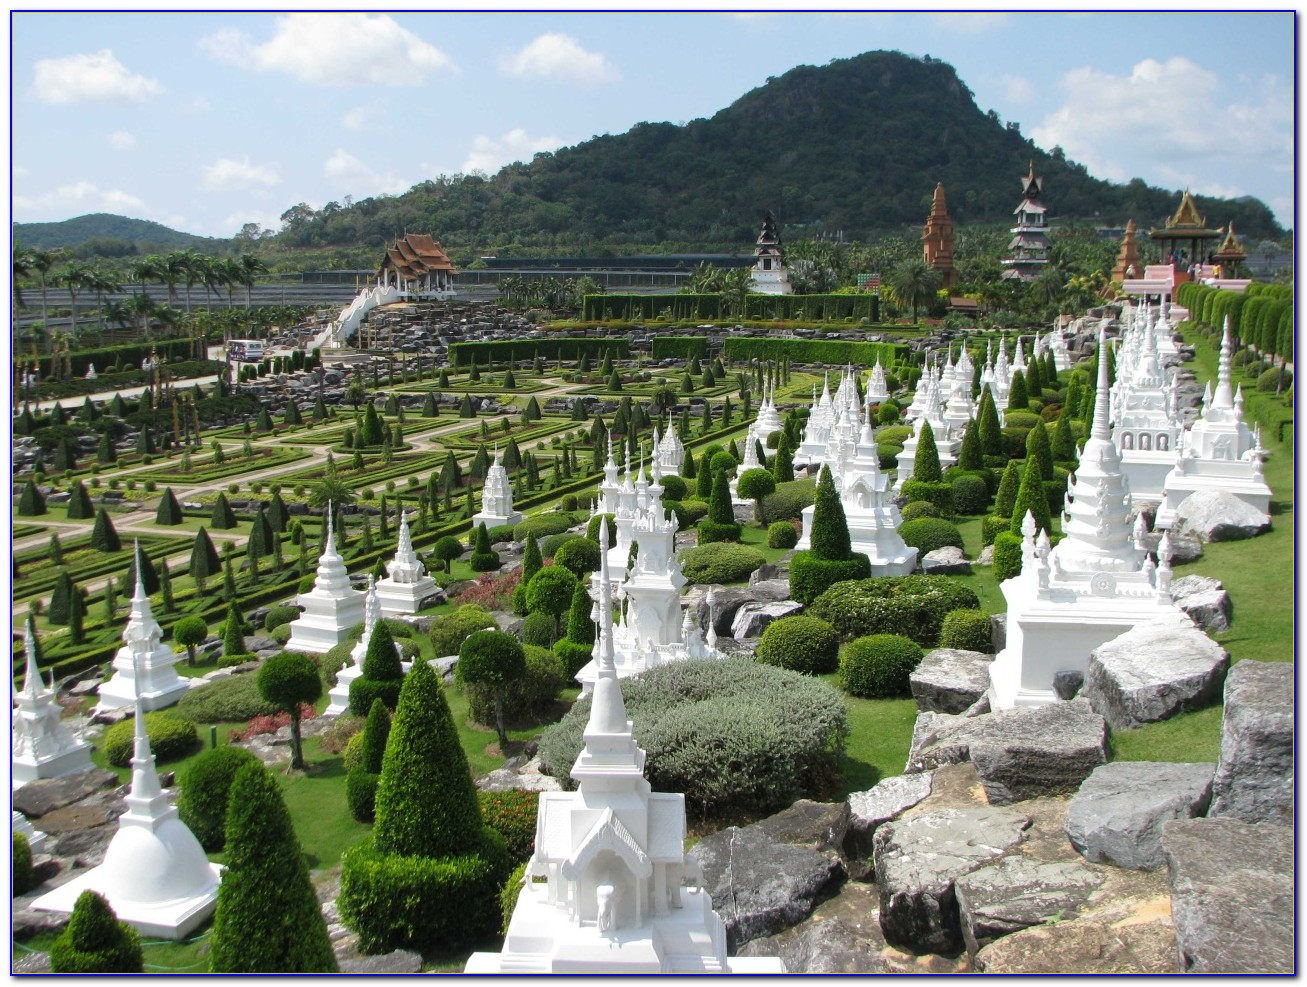 Nong Nooch Tropical Botanical Garden Map